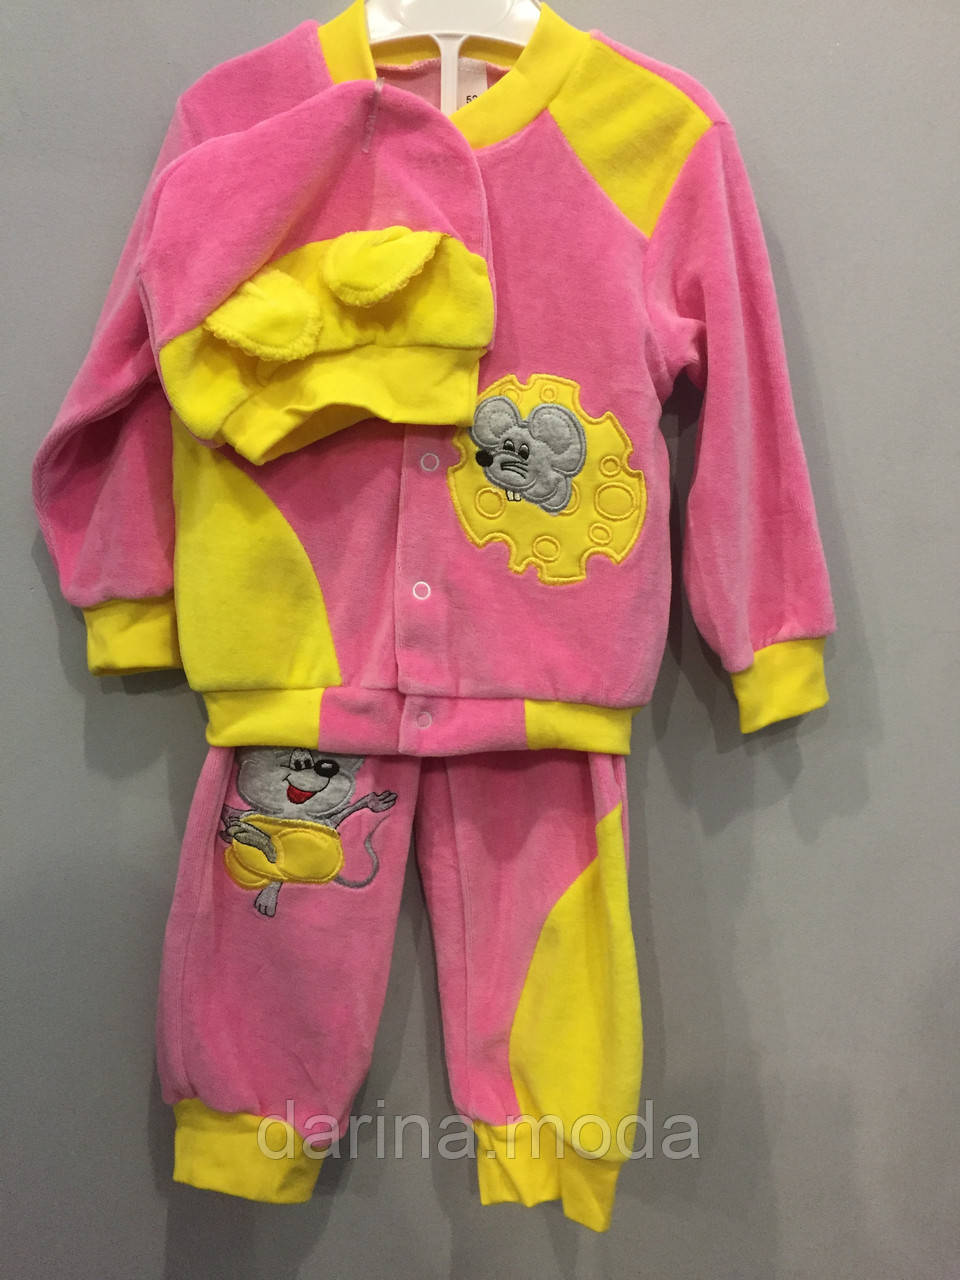 Велюровый костюм с мышкой для девочки